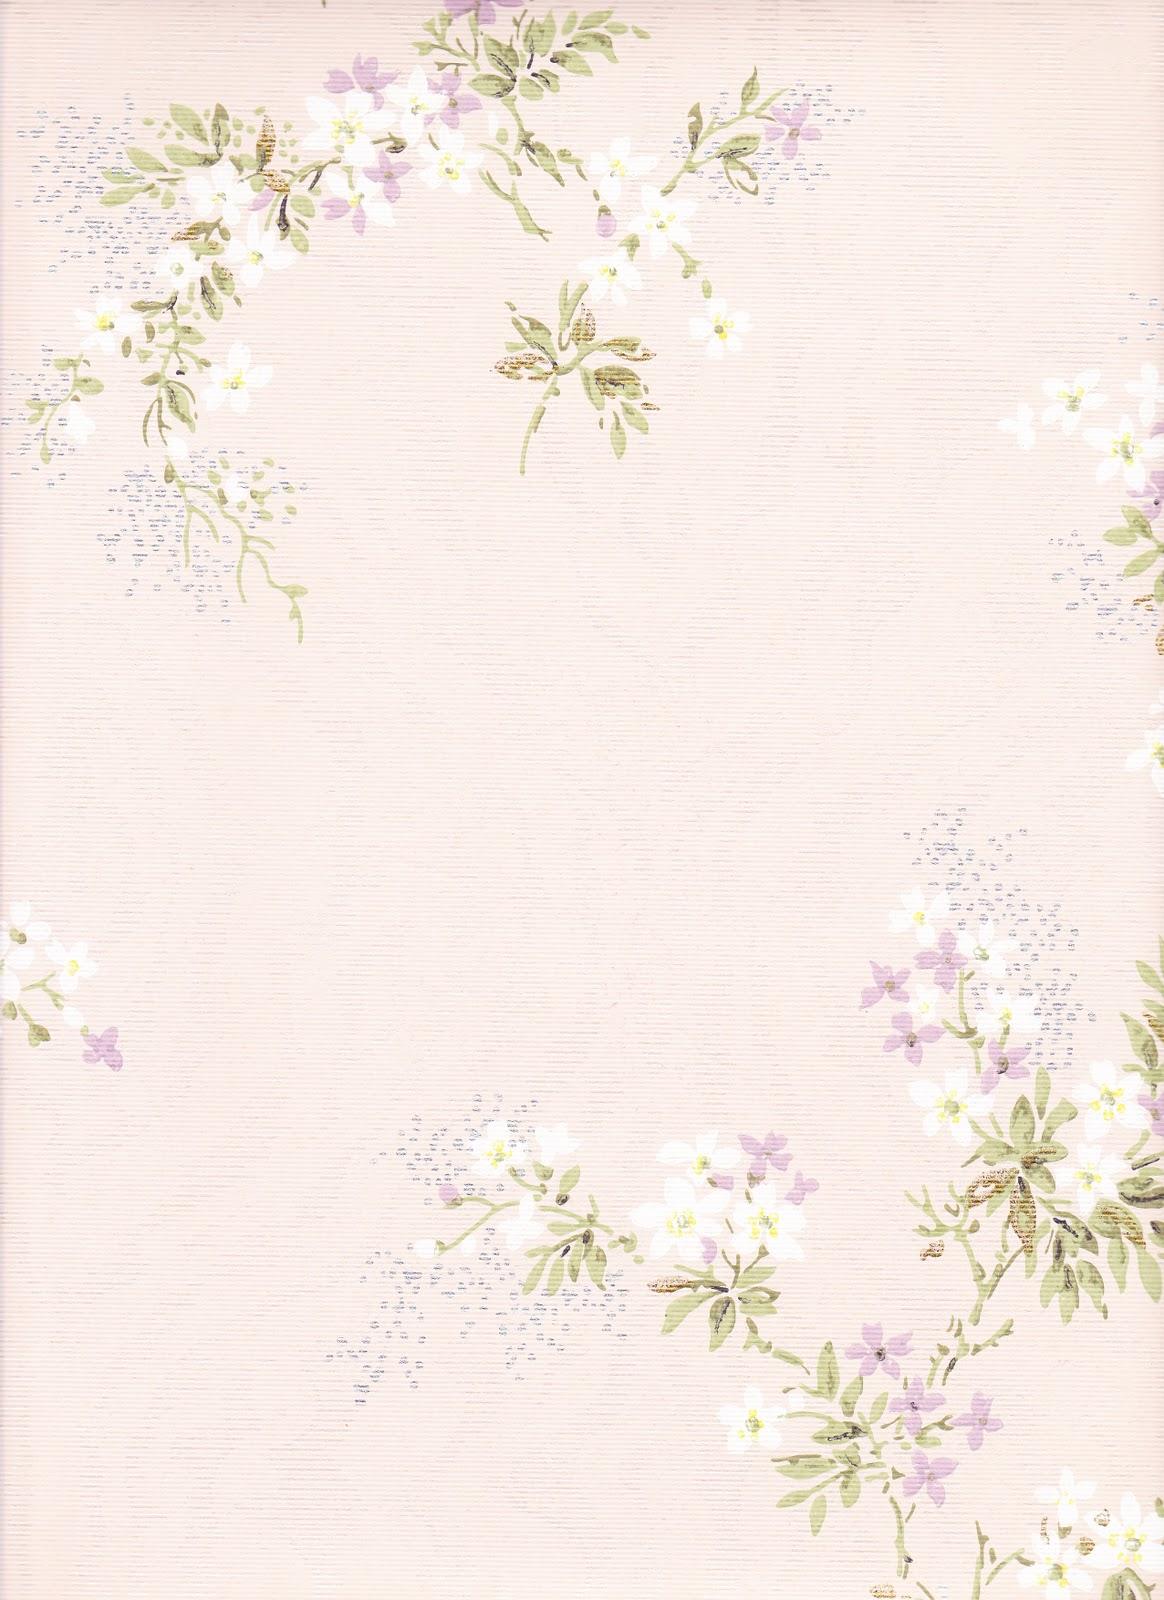 http://1.bp.blogspot.com/-Bmga4hhMGs4/TrLbYjNzzhI/AAAAAAAABSI/FGhZMkGiLtw/s1600/wallpaper%2B3_0015.jpg